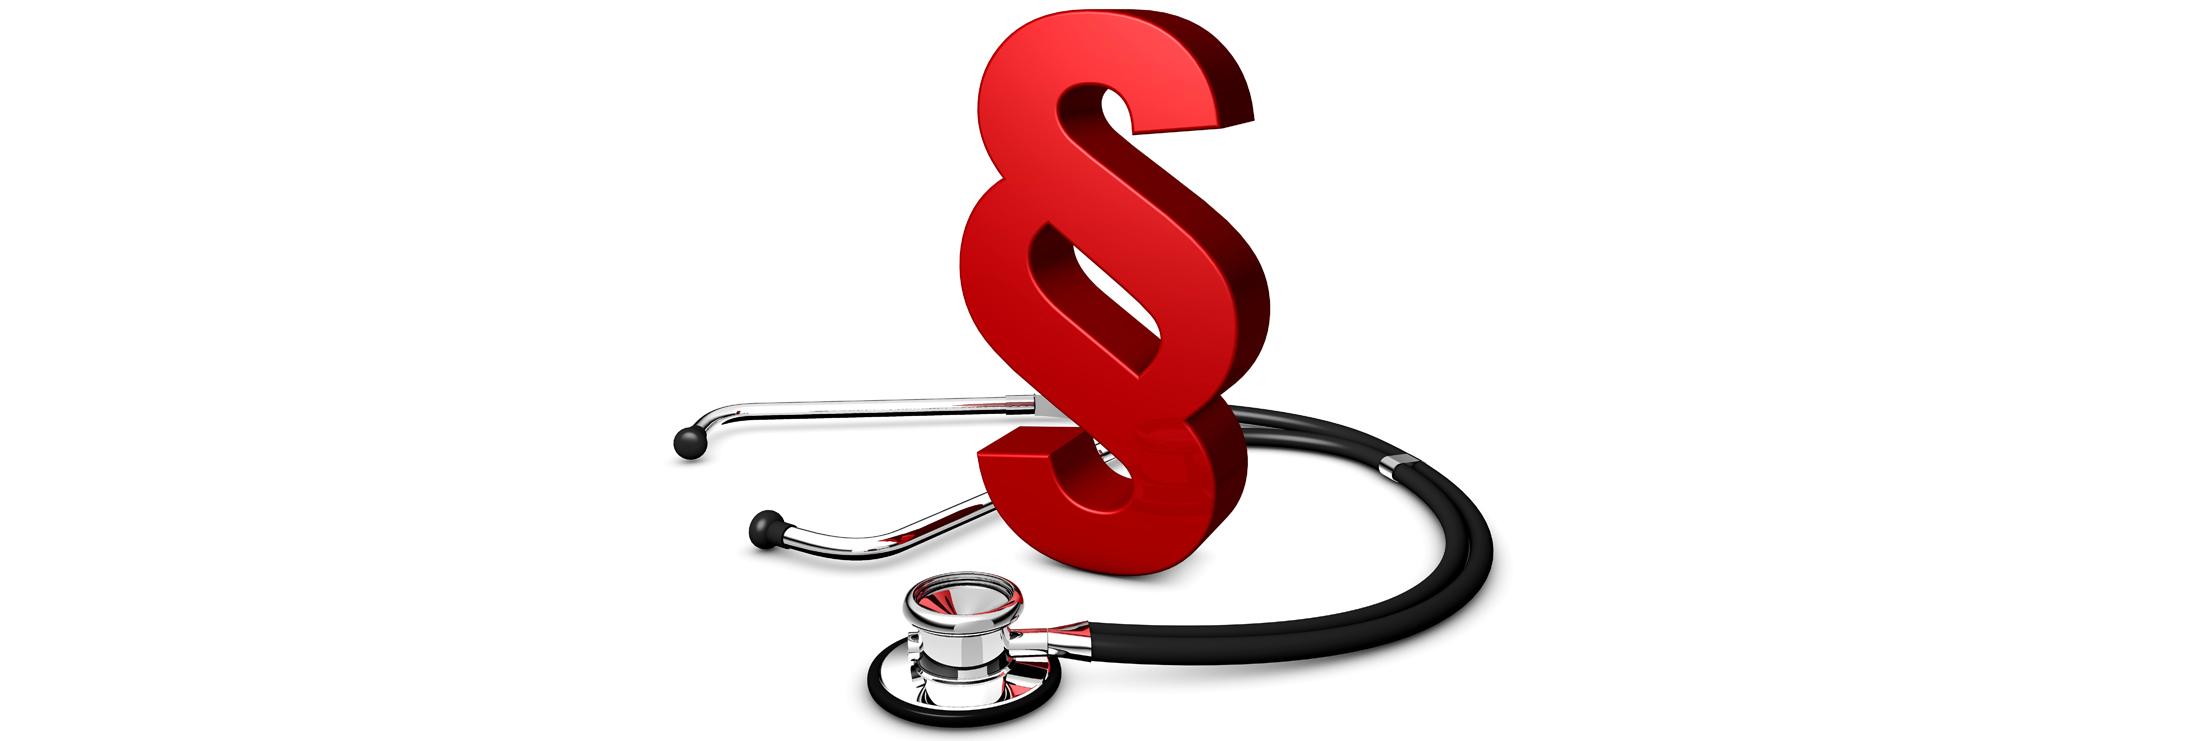 MDR - Anpassung der gesetzlichen Grundlagen im Bereich Medizinprodukte nun wieder top-aktuell